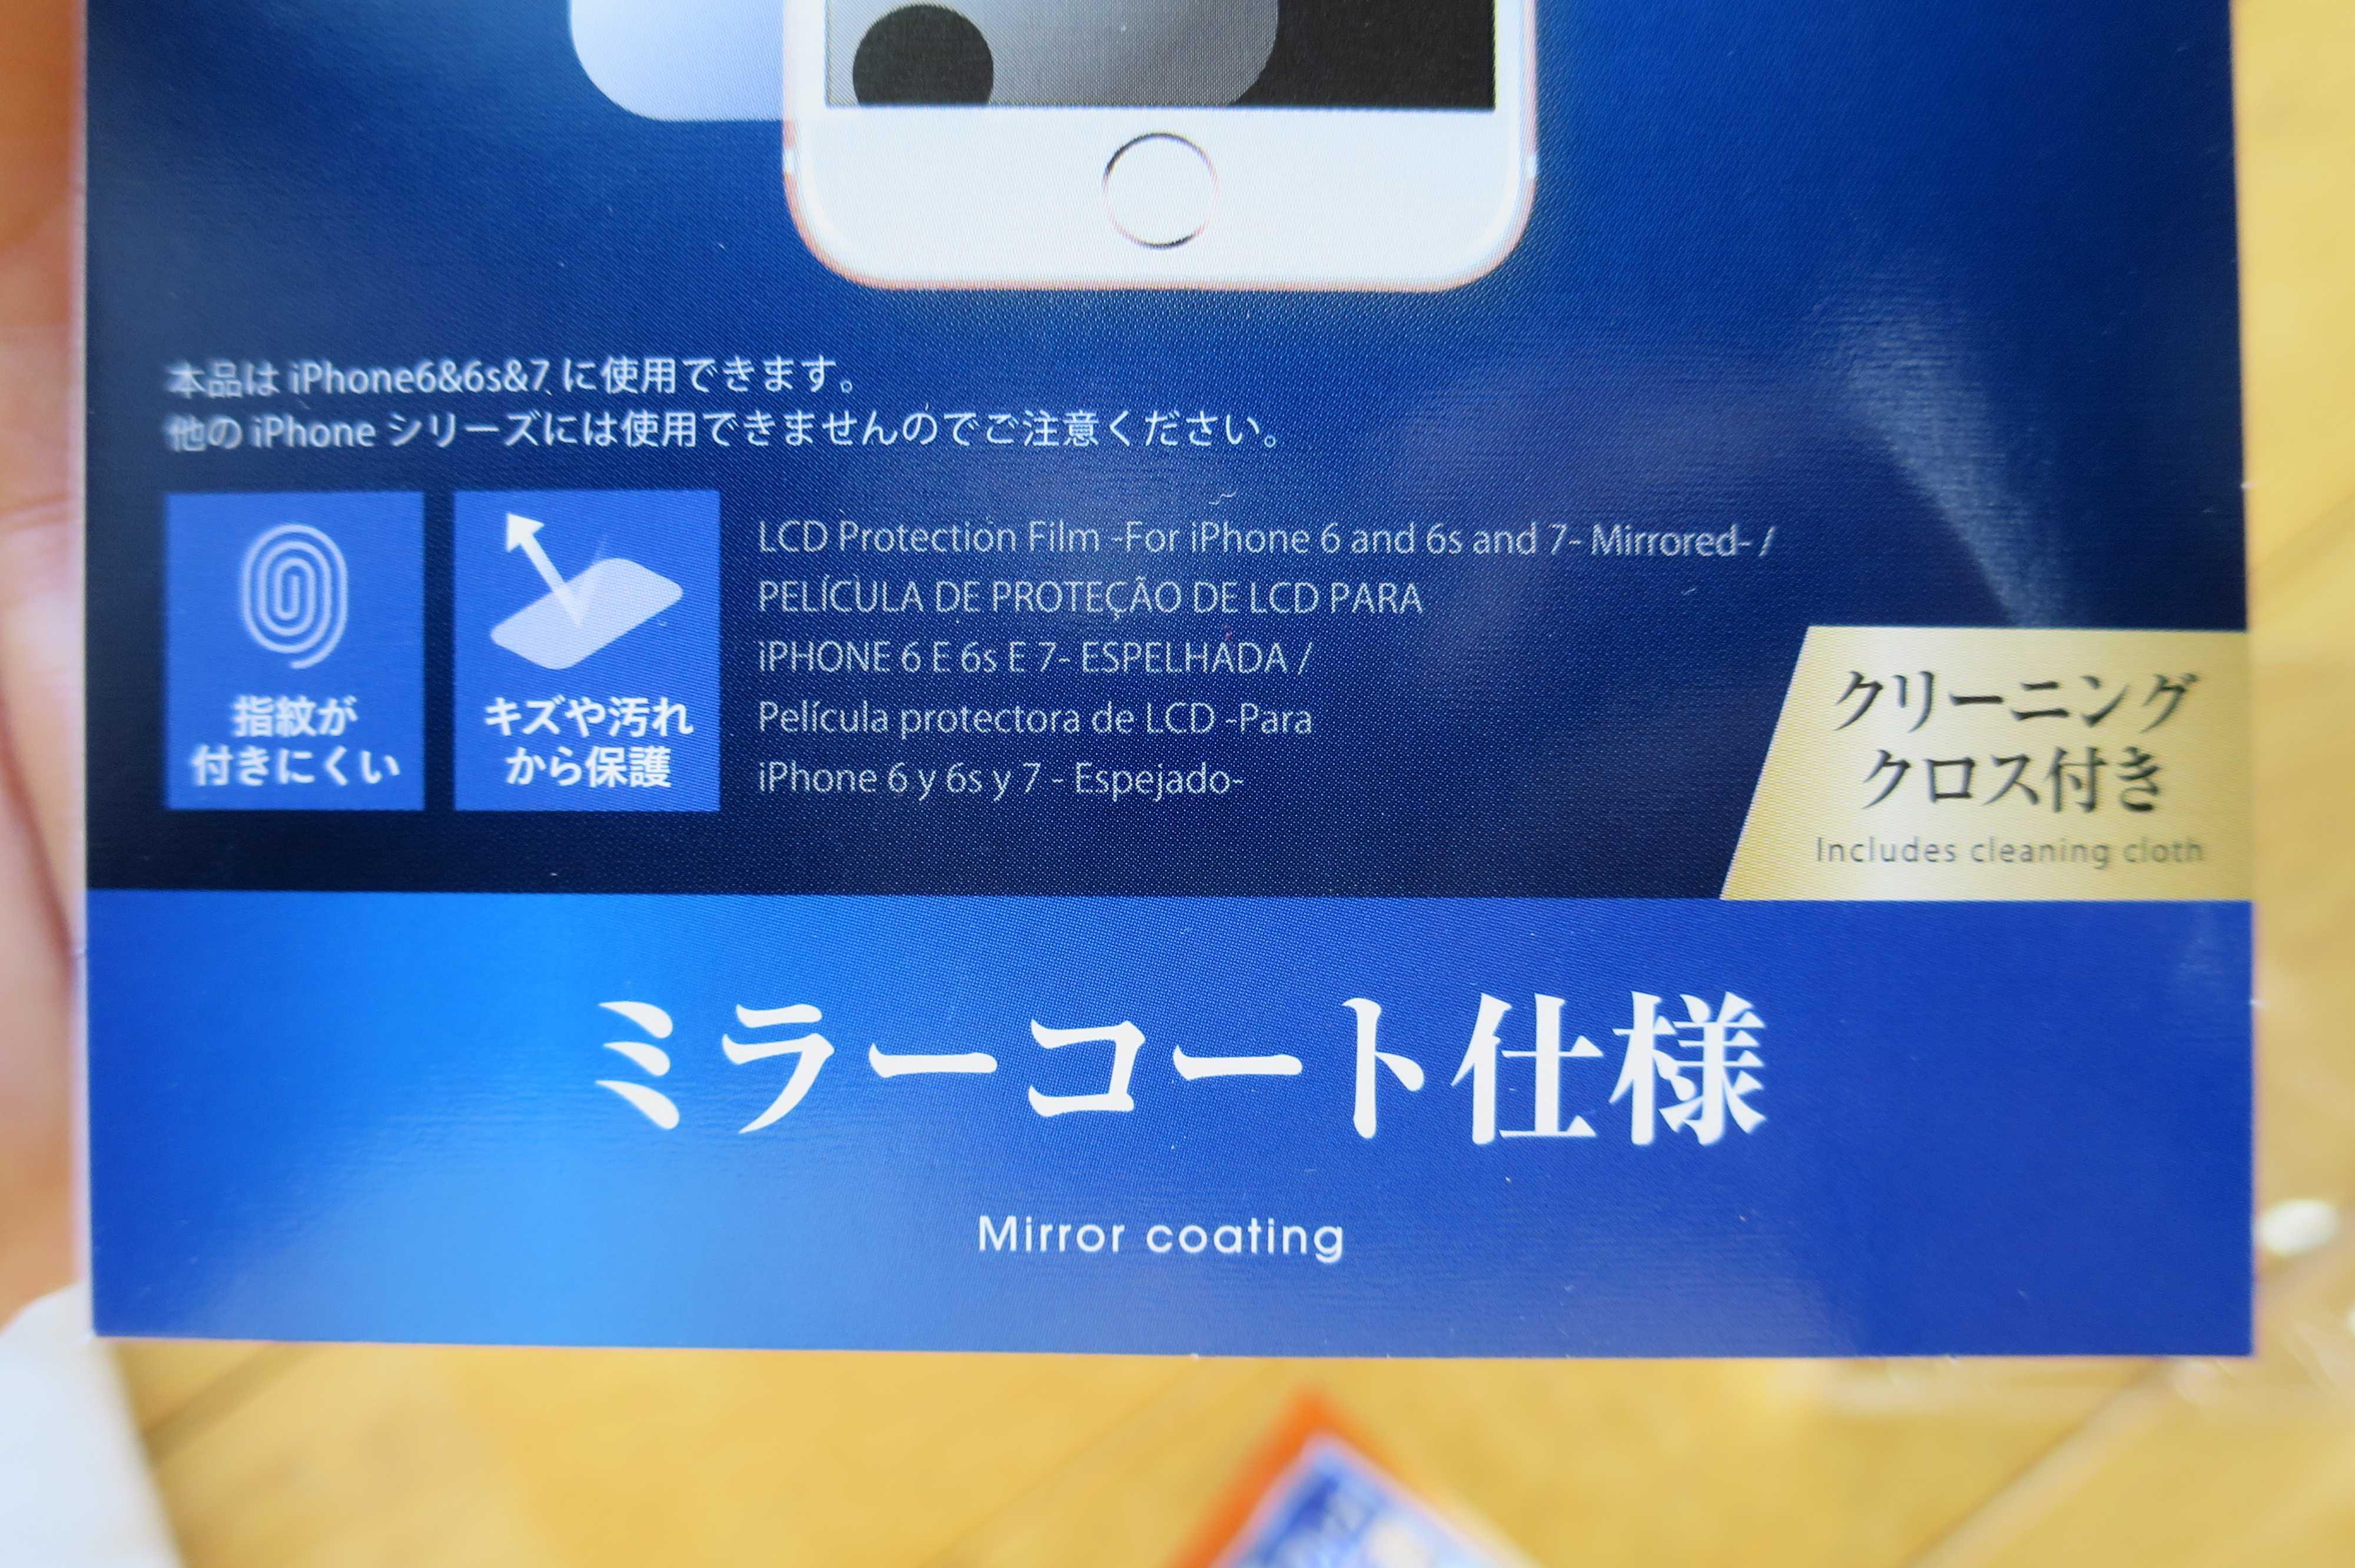 ミラーコート仕様の iPhone用の液晶保護フィルム